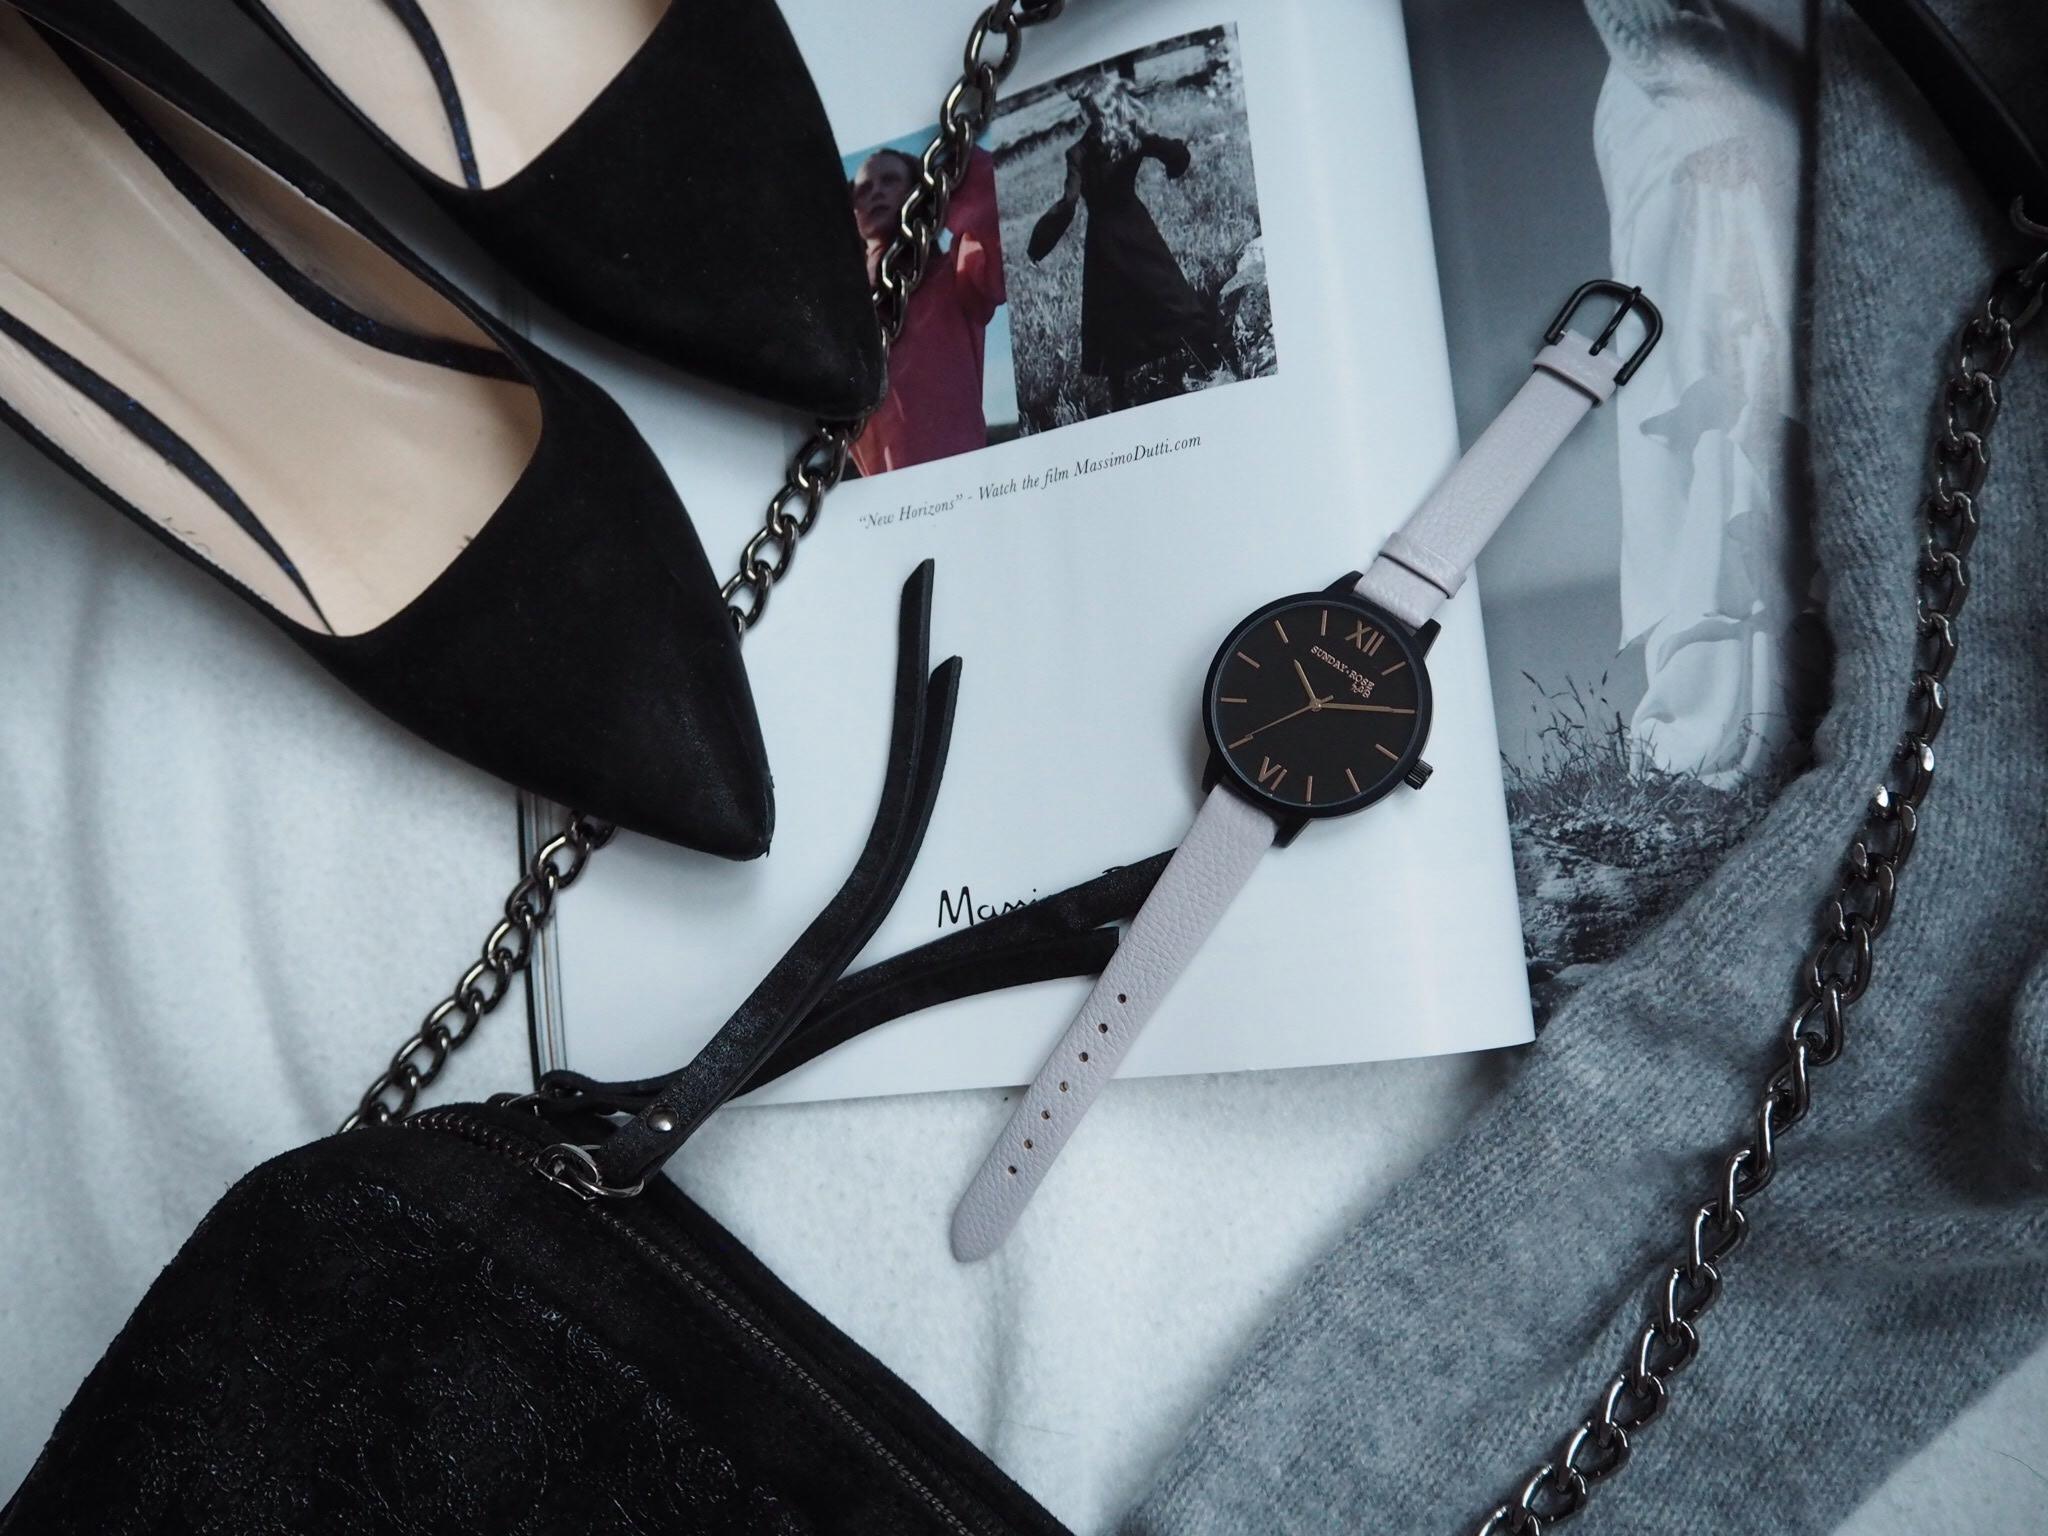 b0a84947ac5 Kompletní specifikace · Ke stažení · Související zboží. Dámské luxusní  designové černé hodinky SUNDAY ROSE Classic MOON DUST